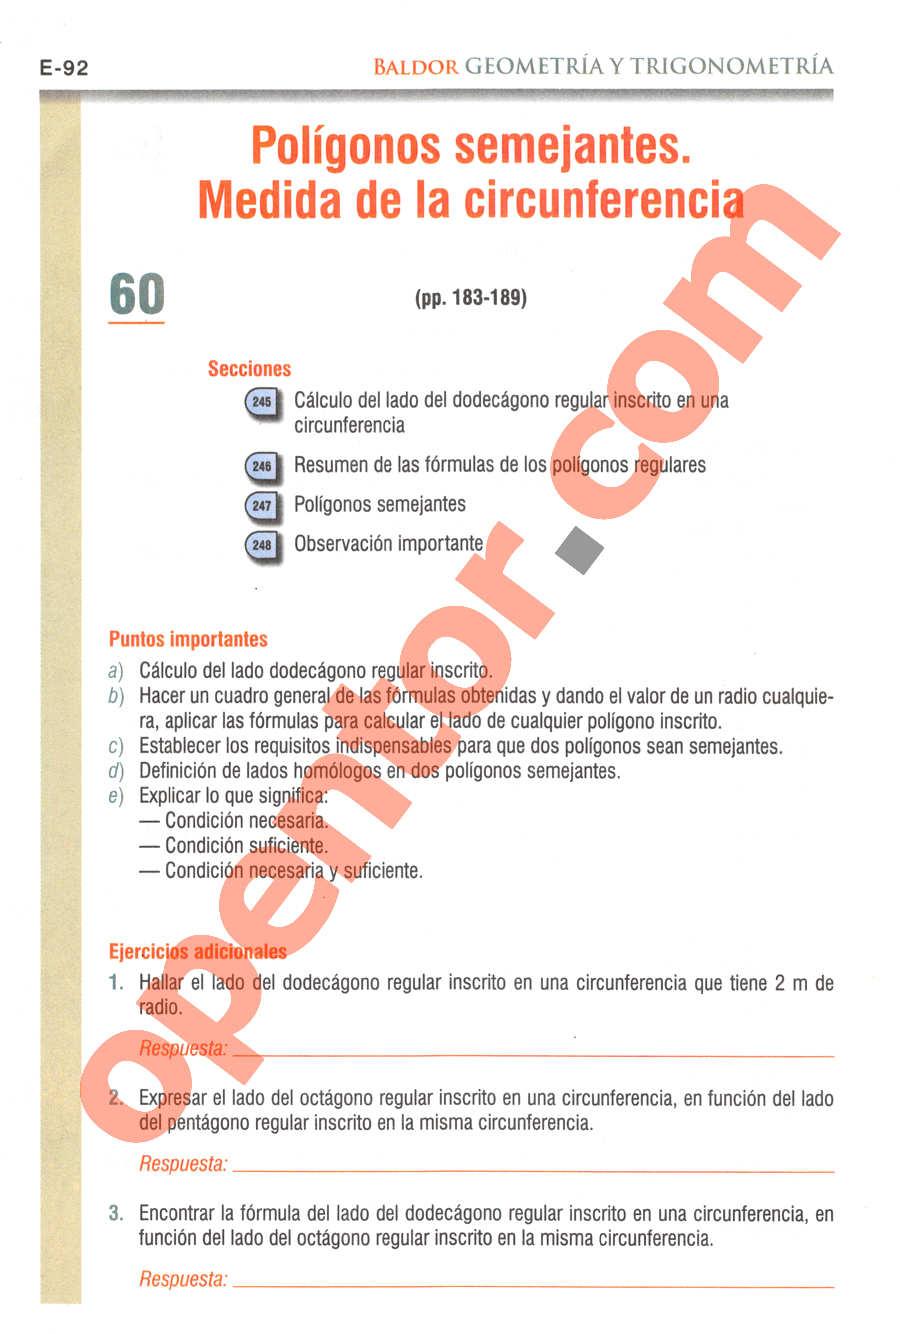 Geometría y Trigonometría de Baldor - Página E92